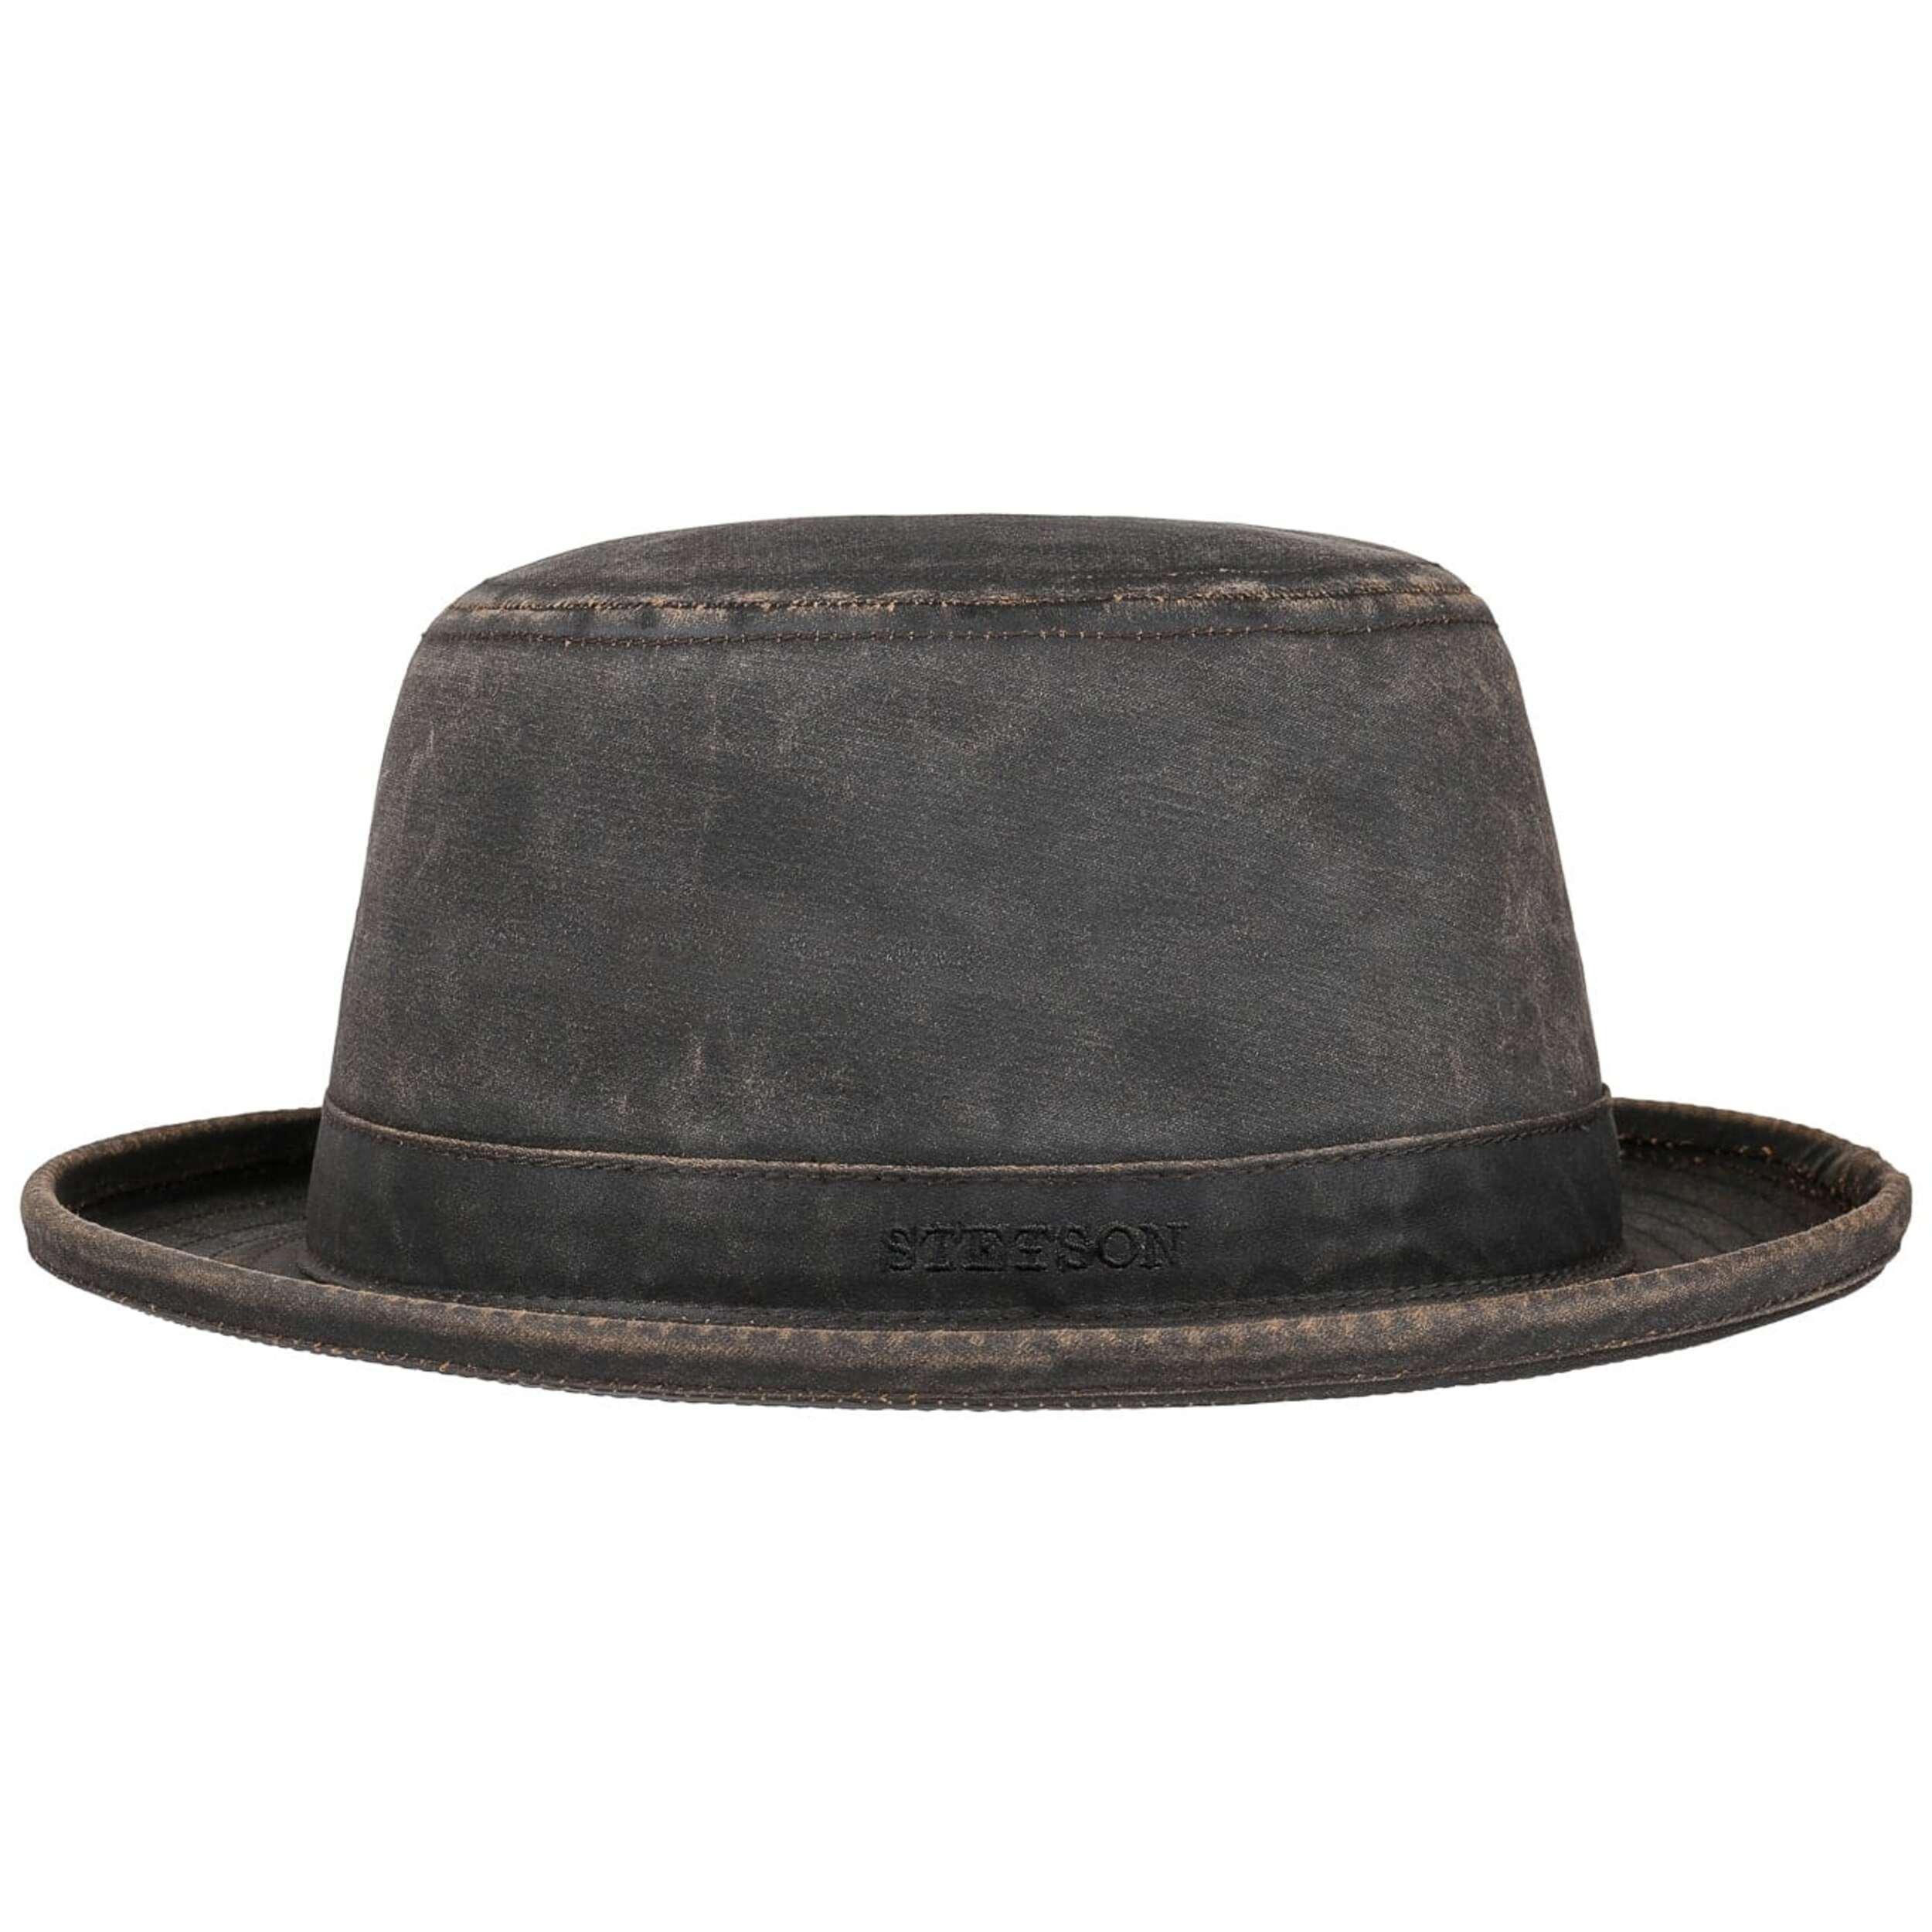 Top Qualität stabile Qualität angenehmes Gefühl Top Hat Cotton Pork Pie Hut by Stetson